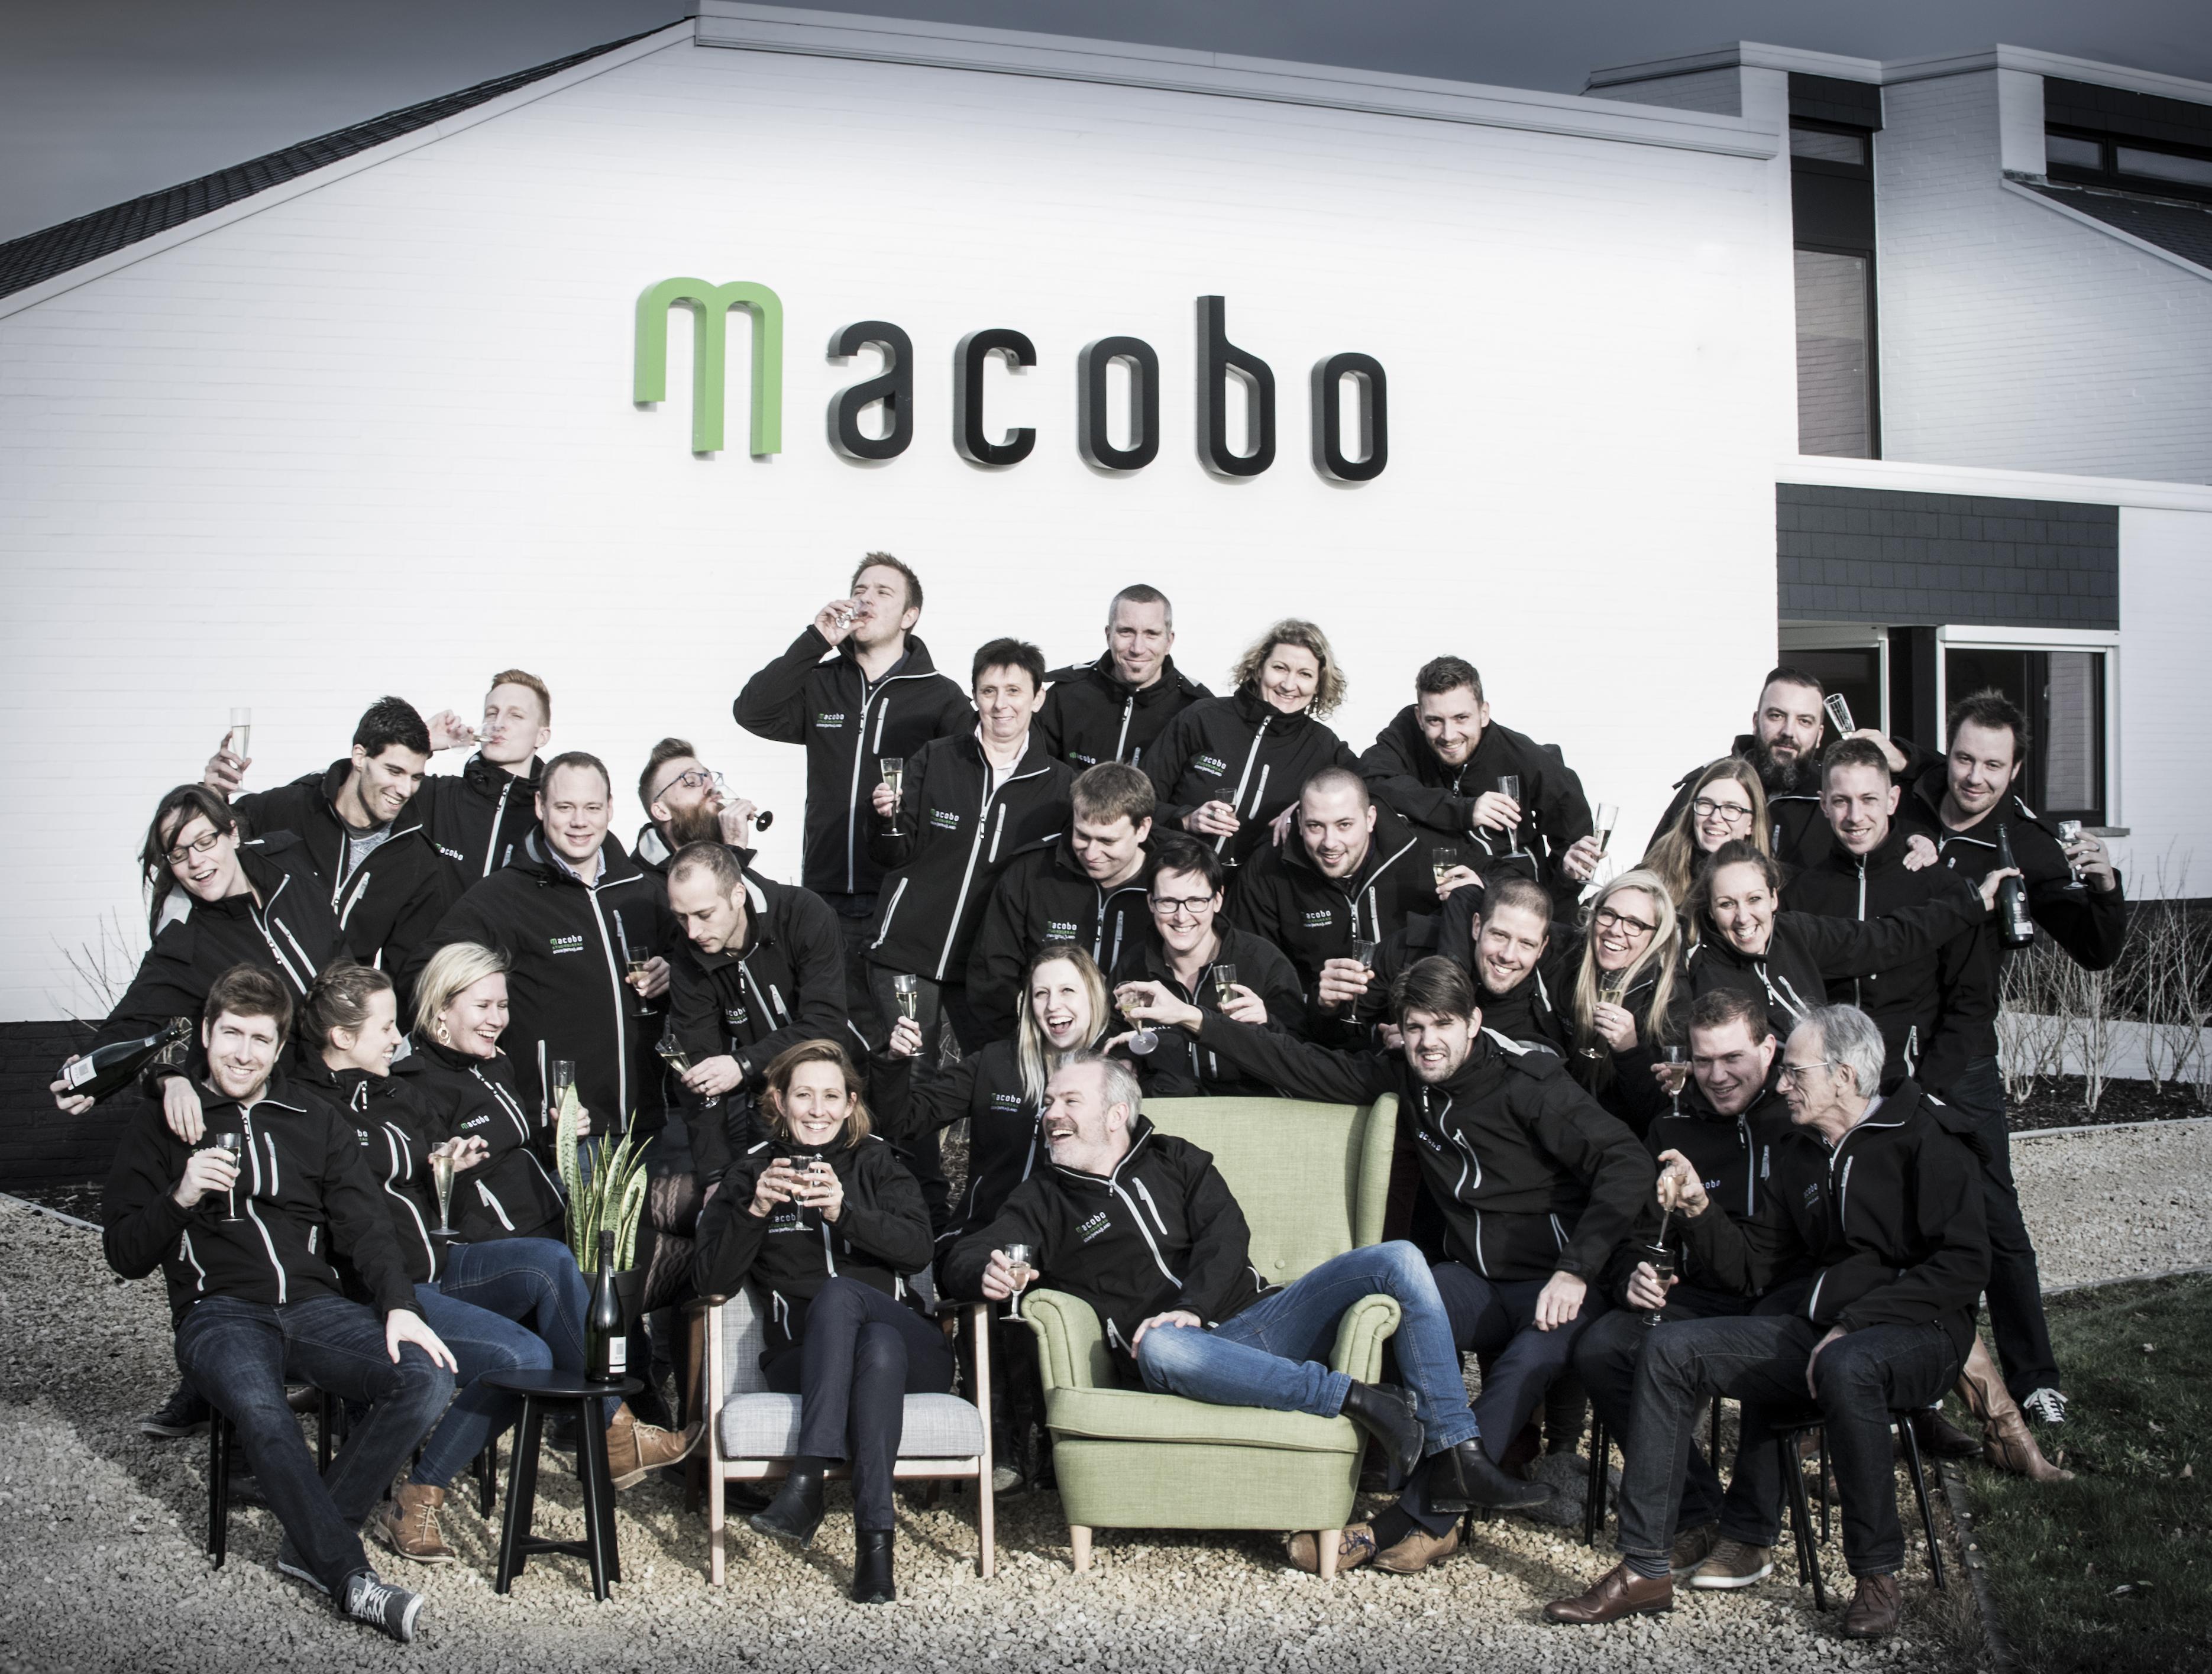 Macobo